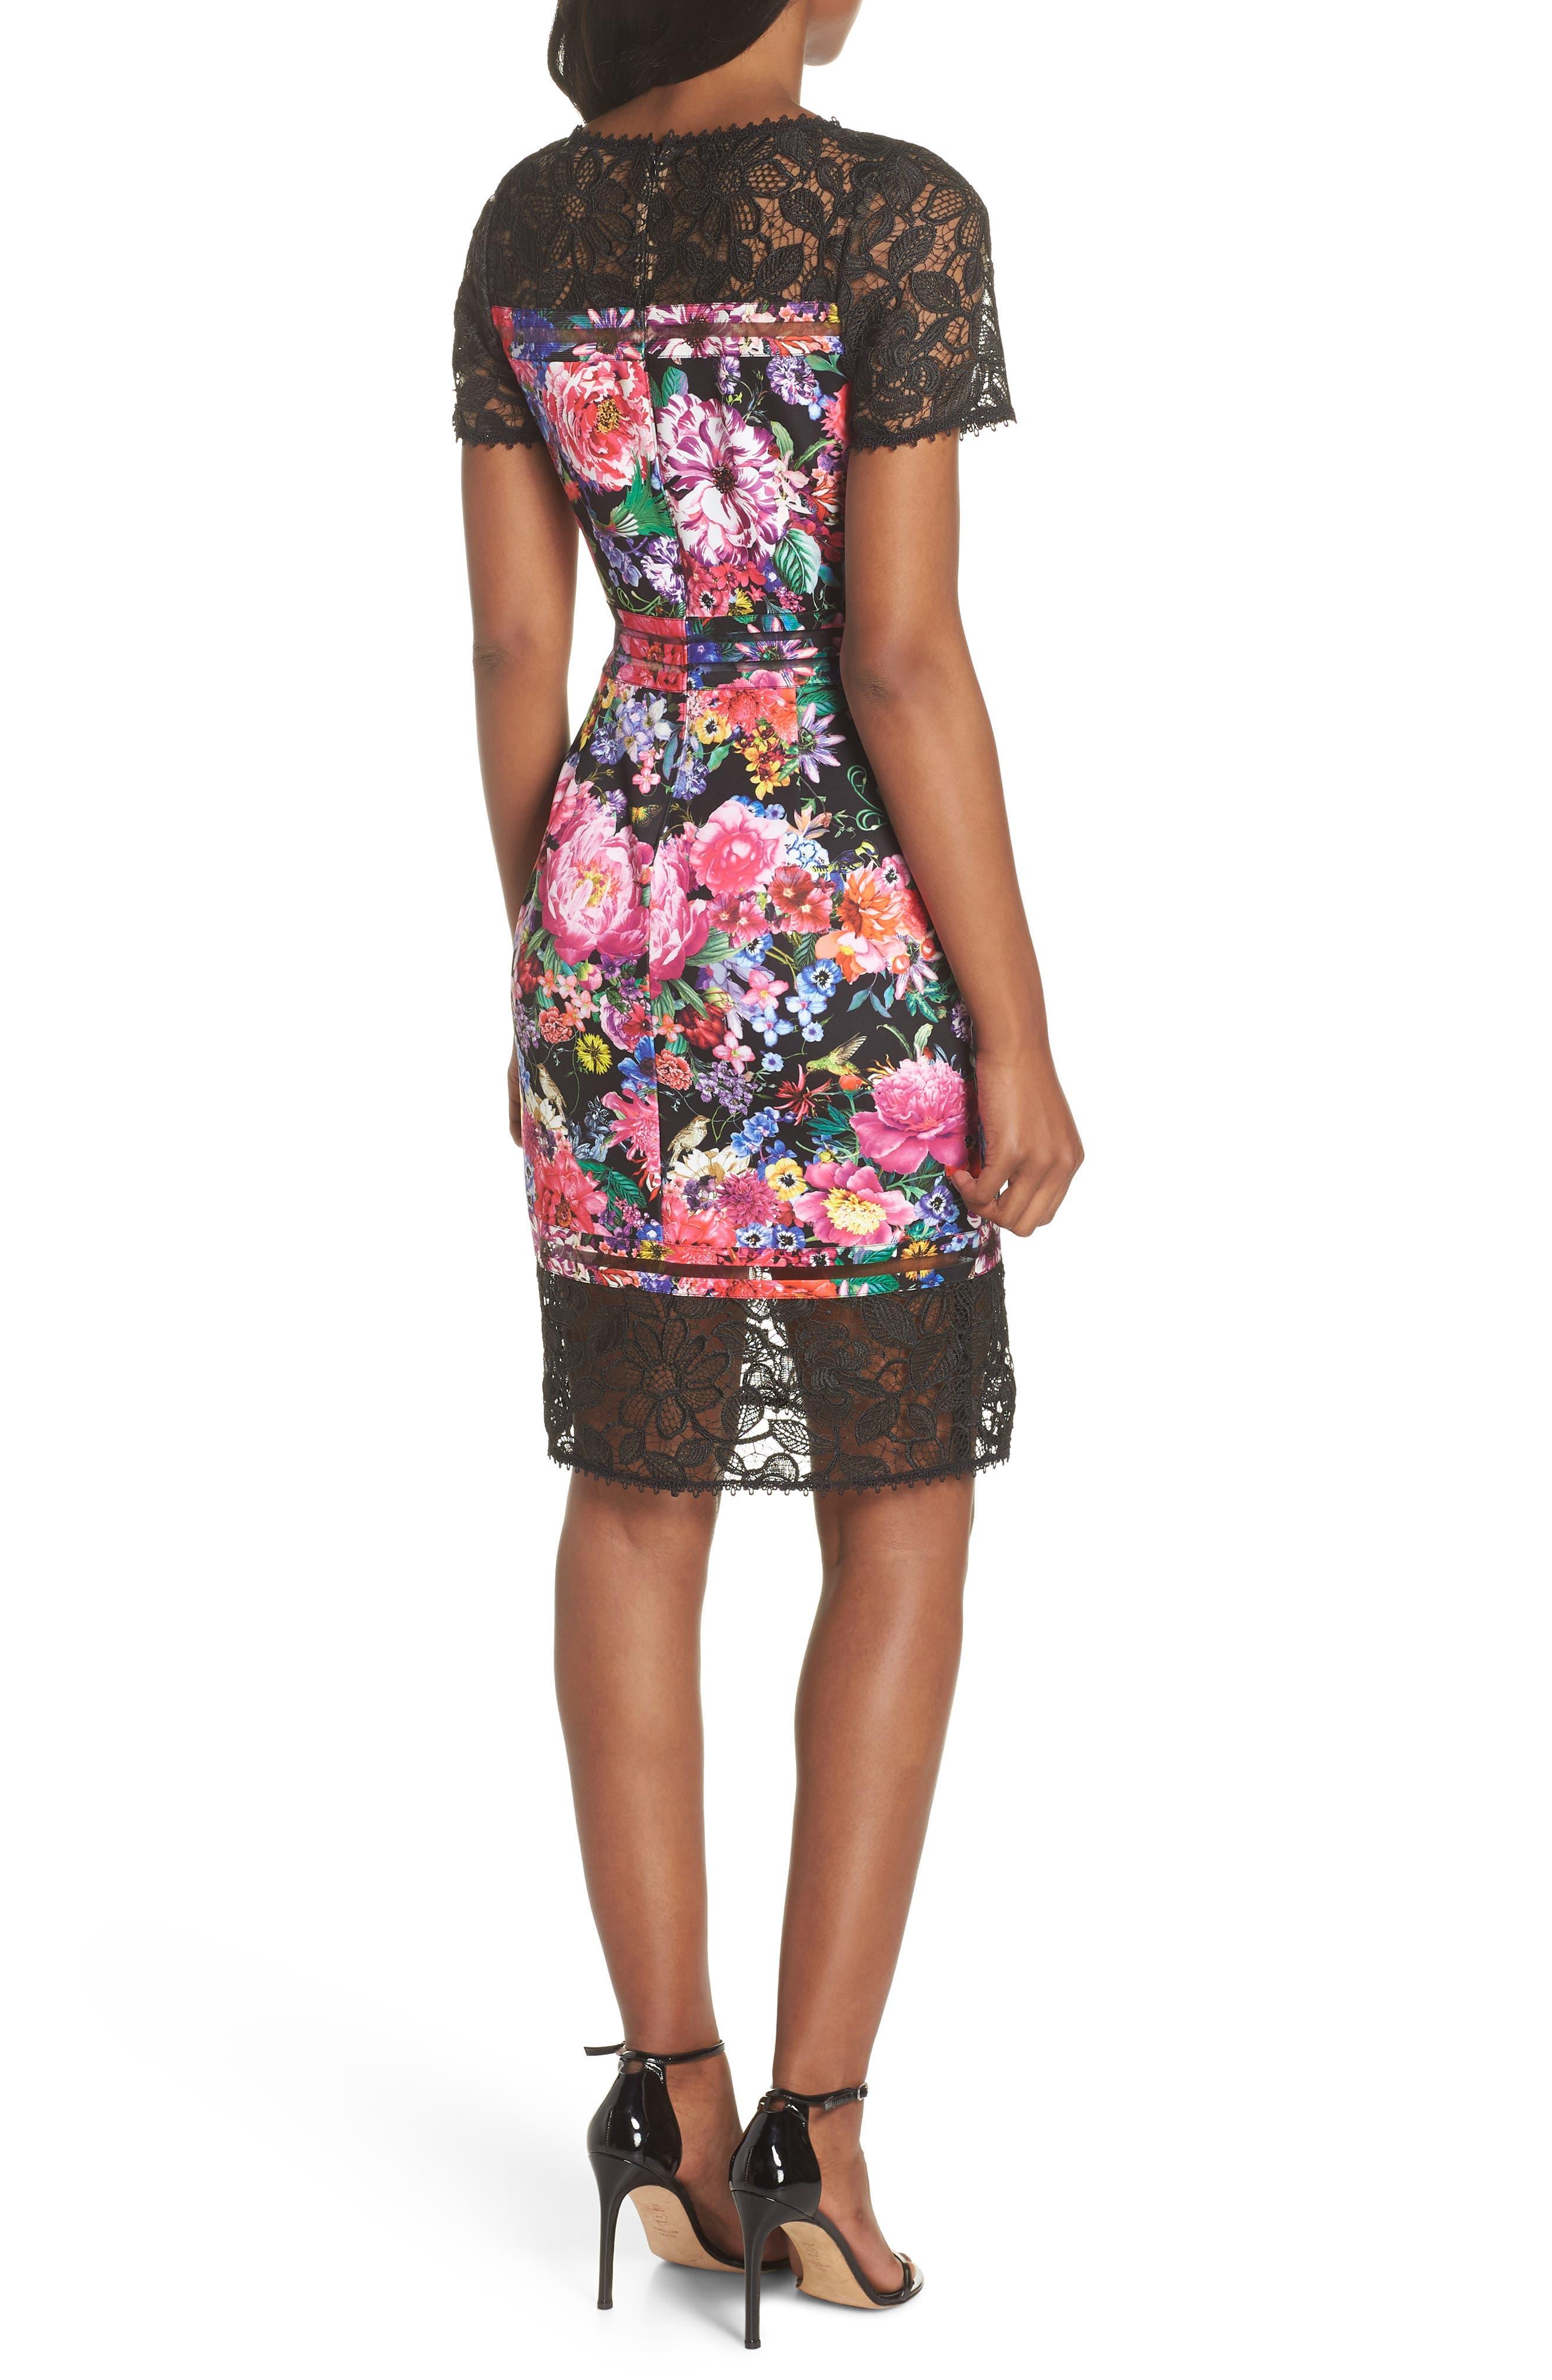 Floral & Lace Sheath Dress,                             Alternate thumbnail 2, color,                             Black/ Floral